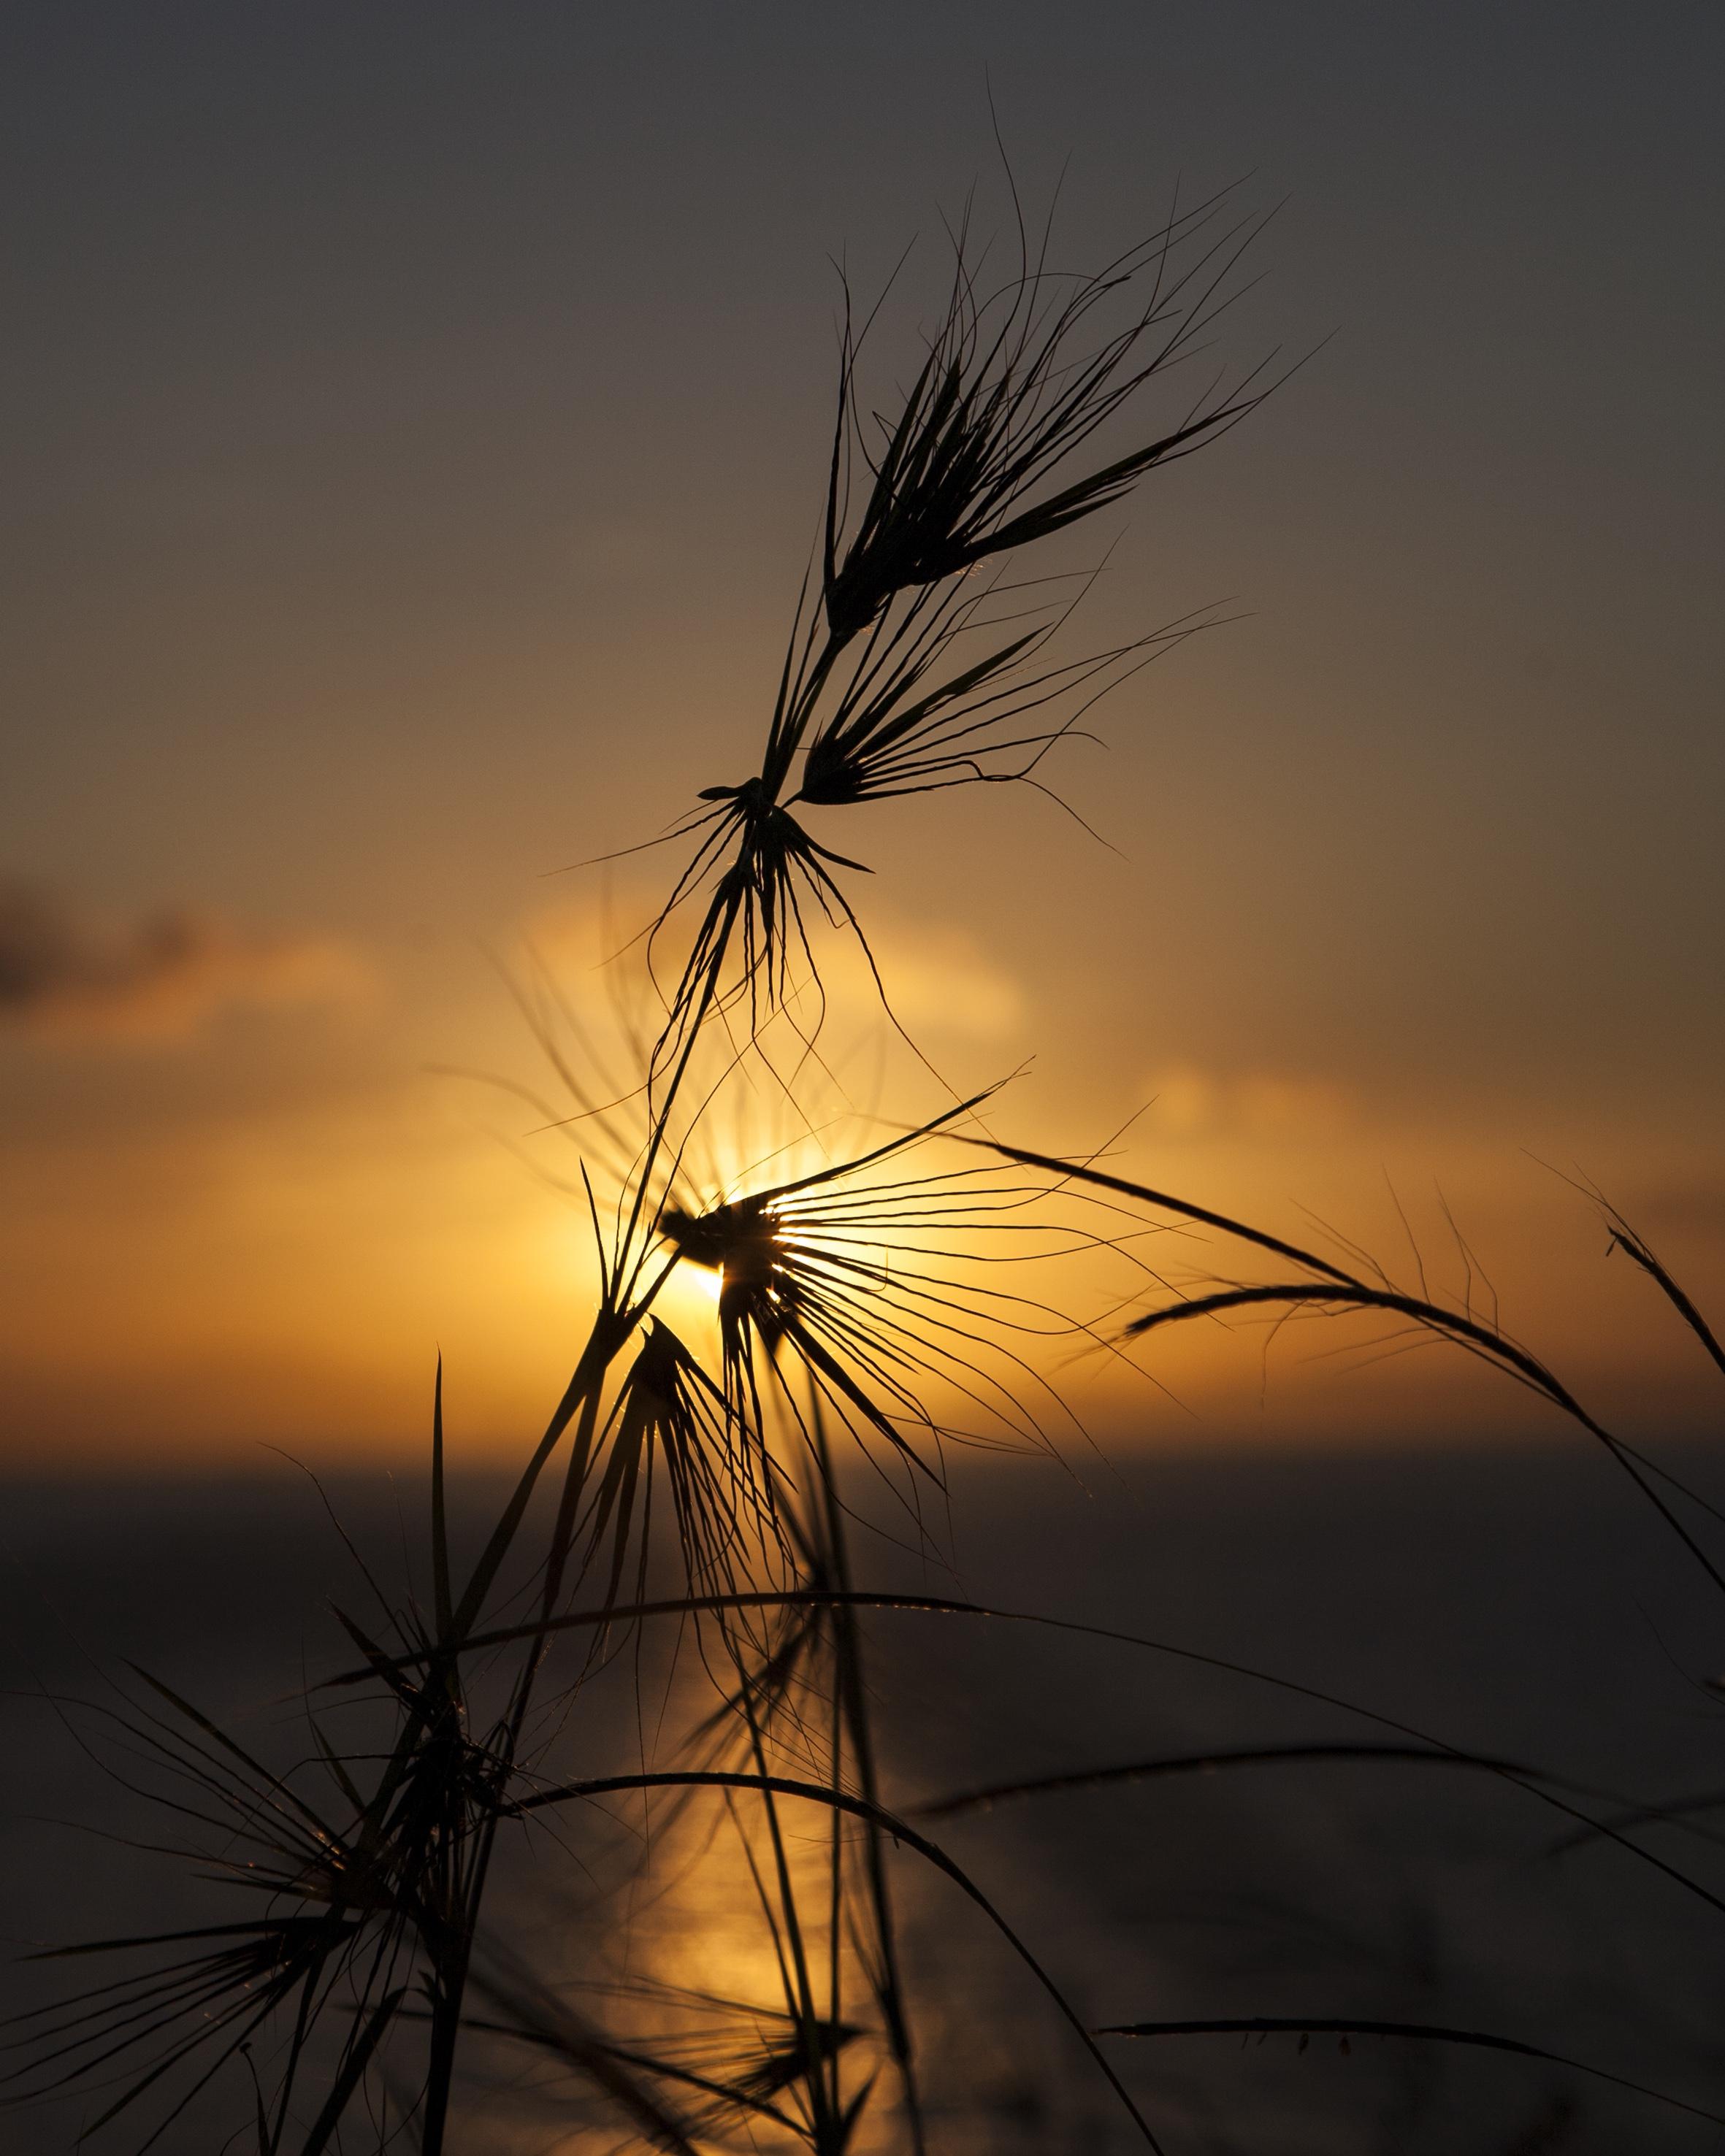 sunset panjang island alt